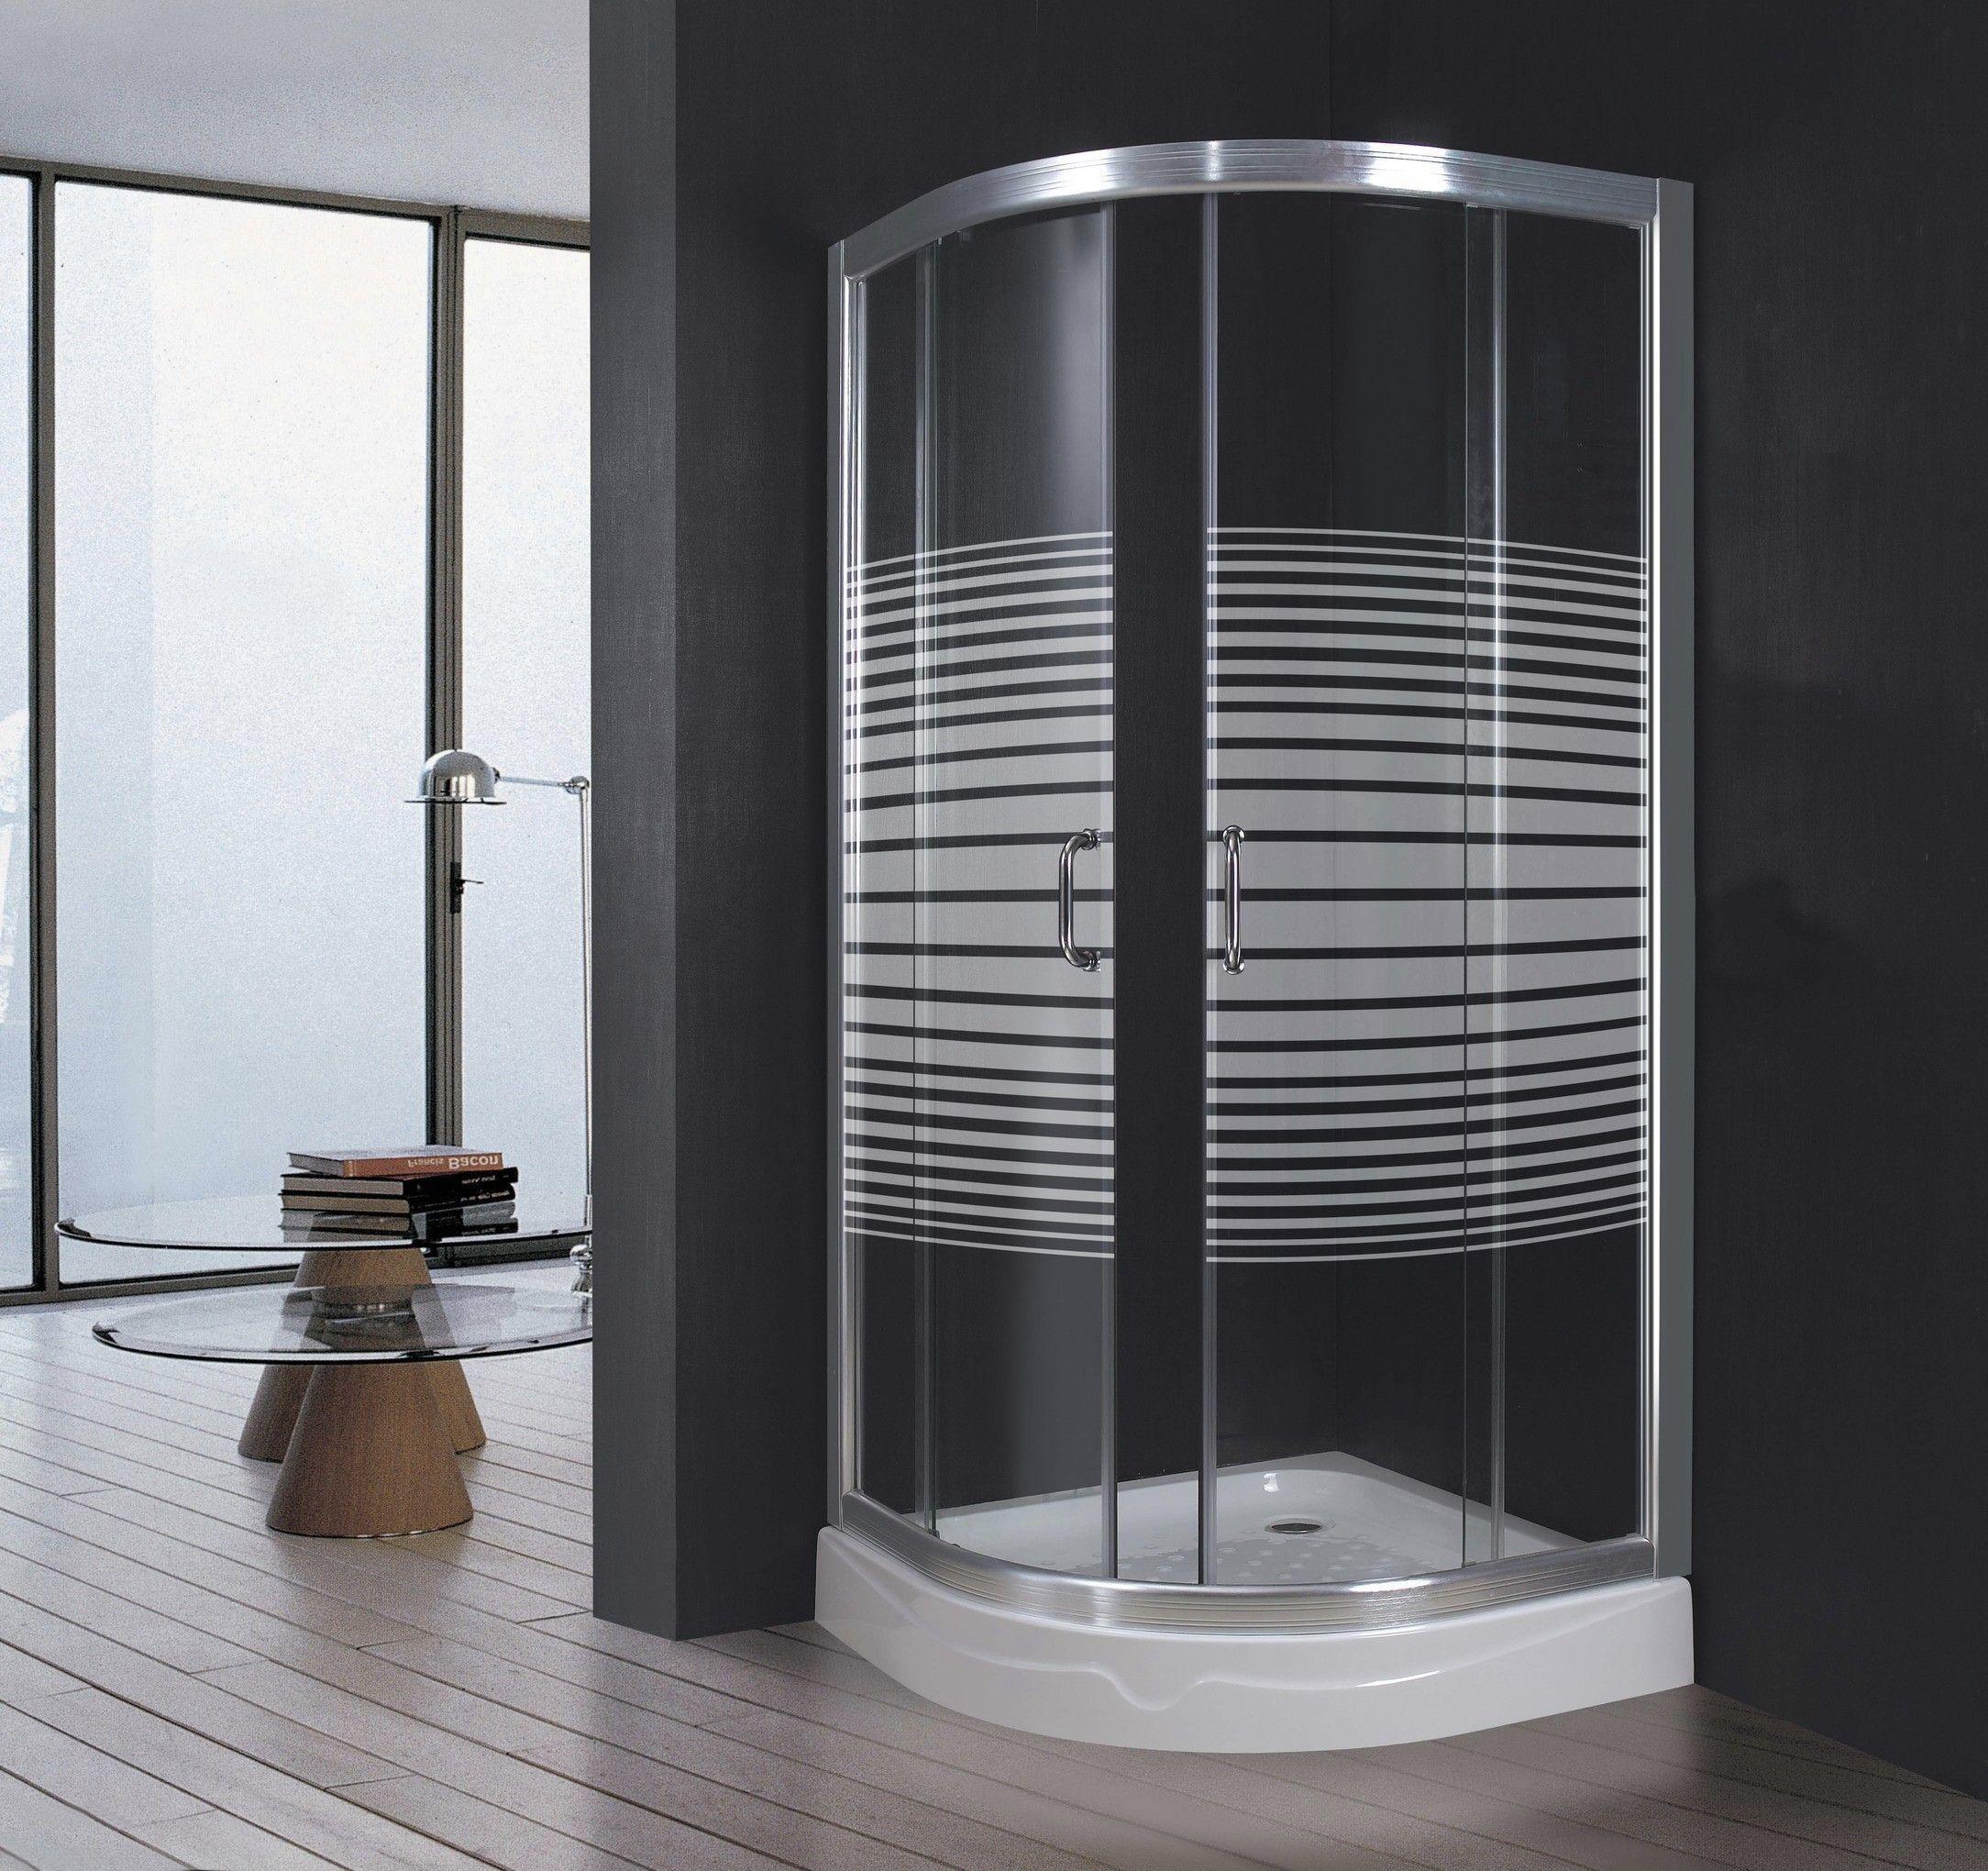 Cabina doccia luxor box 2 ante scorrevoli in vetro serigrafato cm 80x80 semicircolare arredo - Box doccia ante scorrevoli ...